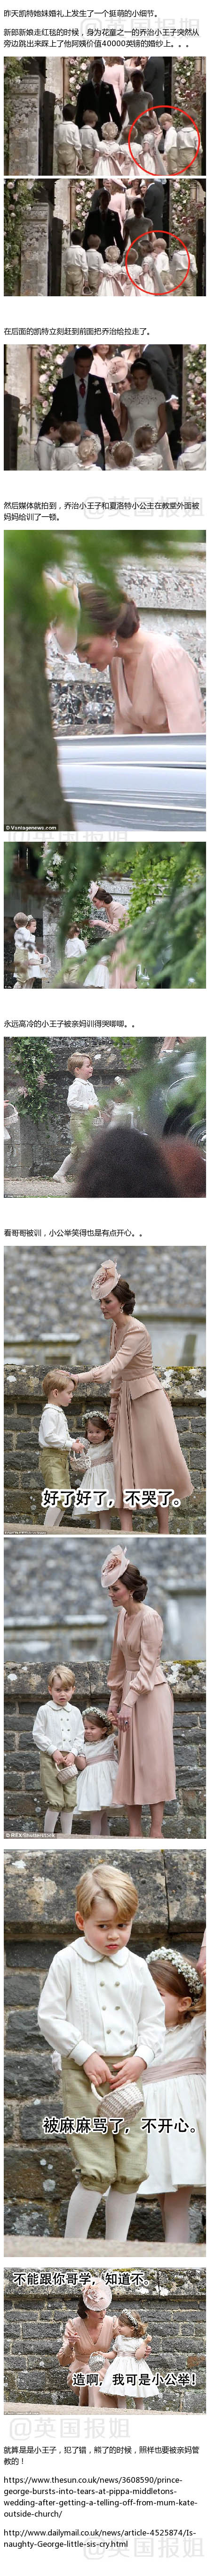 乔治小王子踩阿姨婚纱被妈妈训